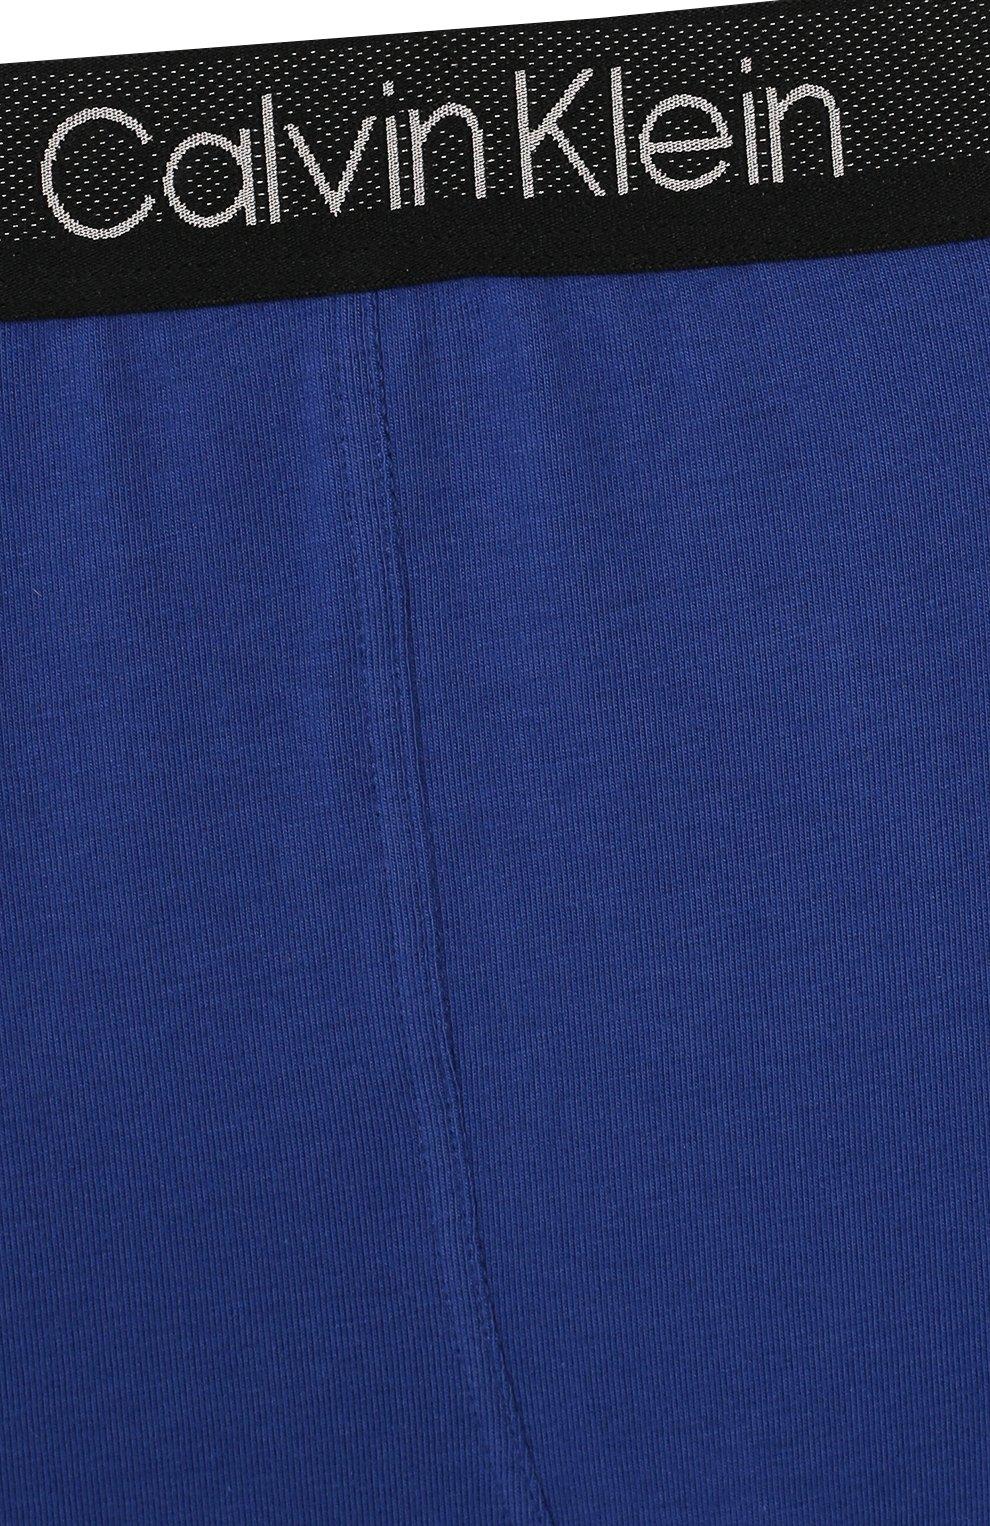 Детские комплект из двух пар трусов CALVIN KLEIN синего цвета, арт. B70B700198   Фото 7